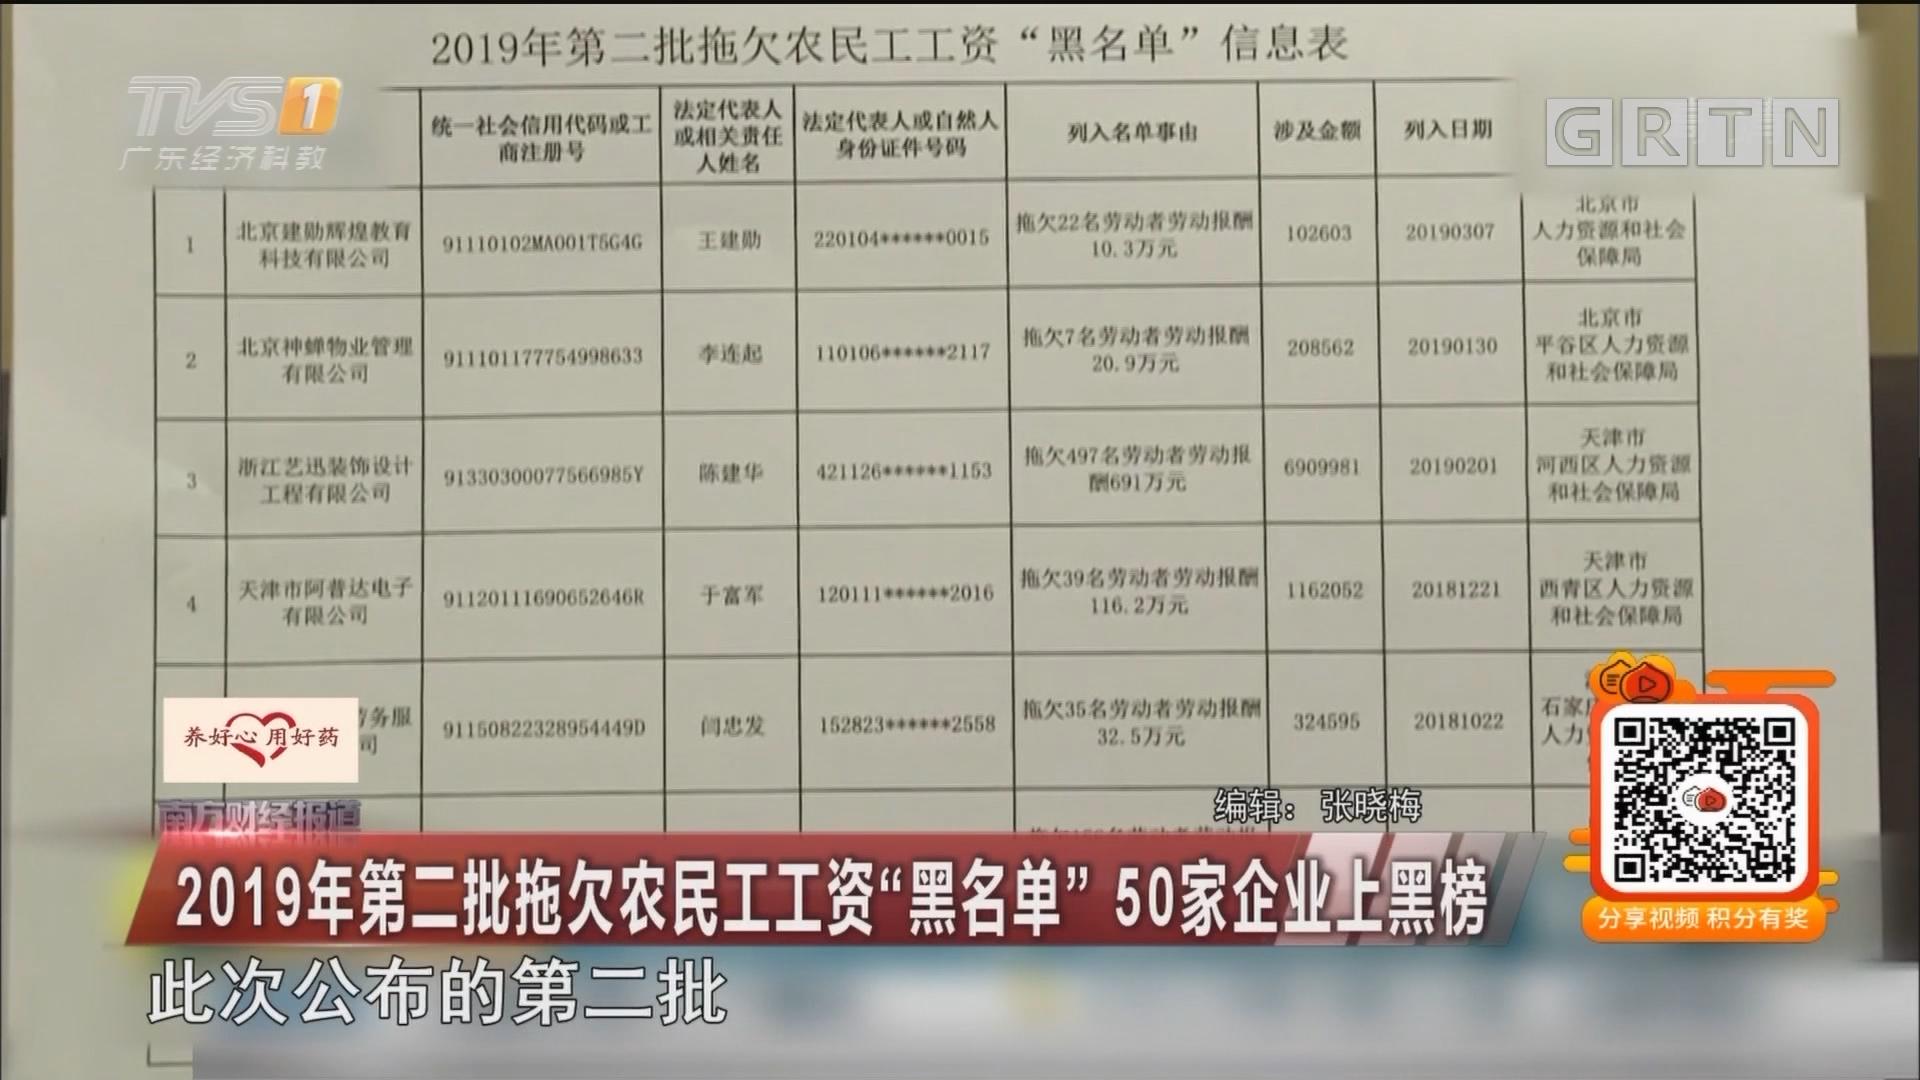 """2019年第二批拖欠农民工工资""""黑名单"""" 50家企业上黑榜"""